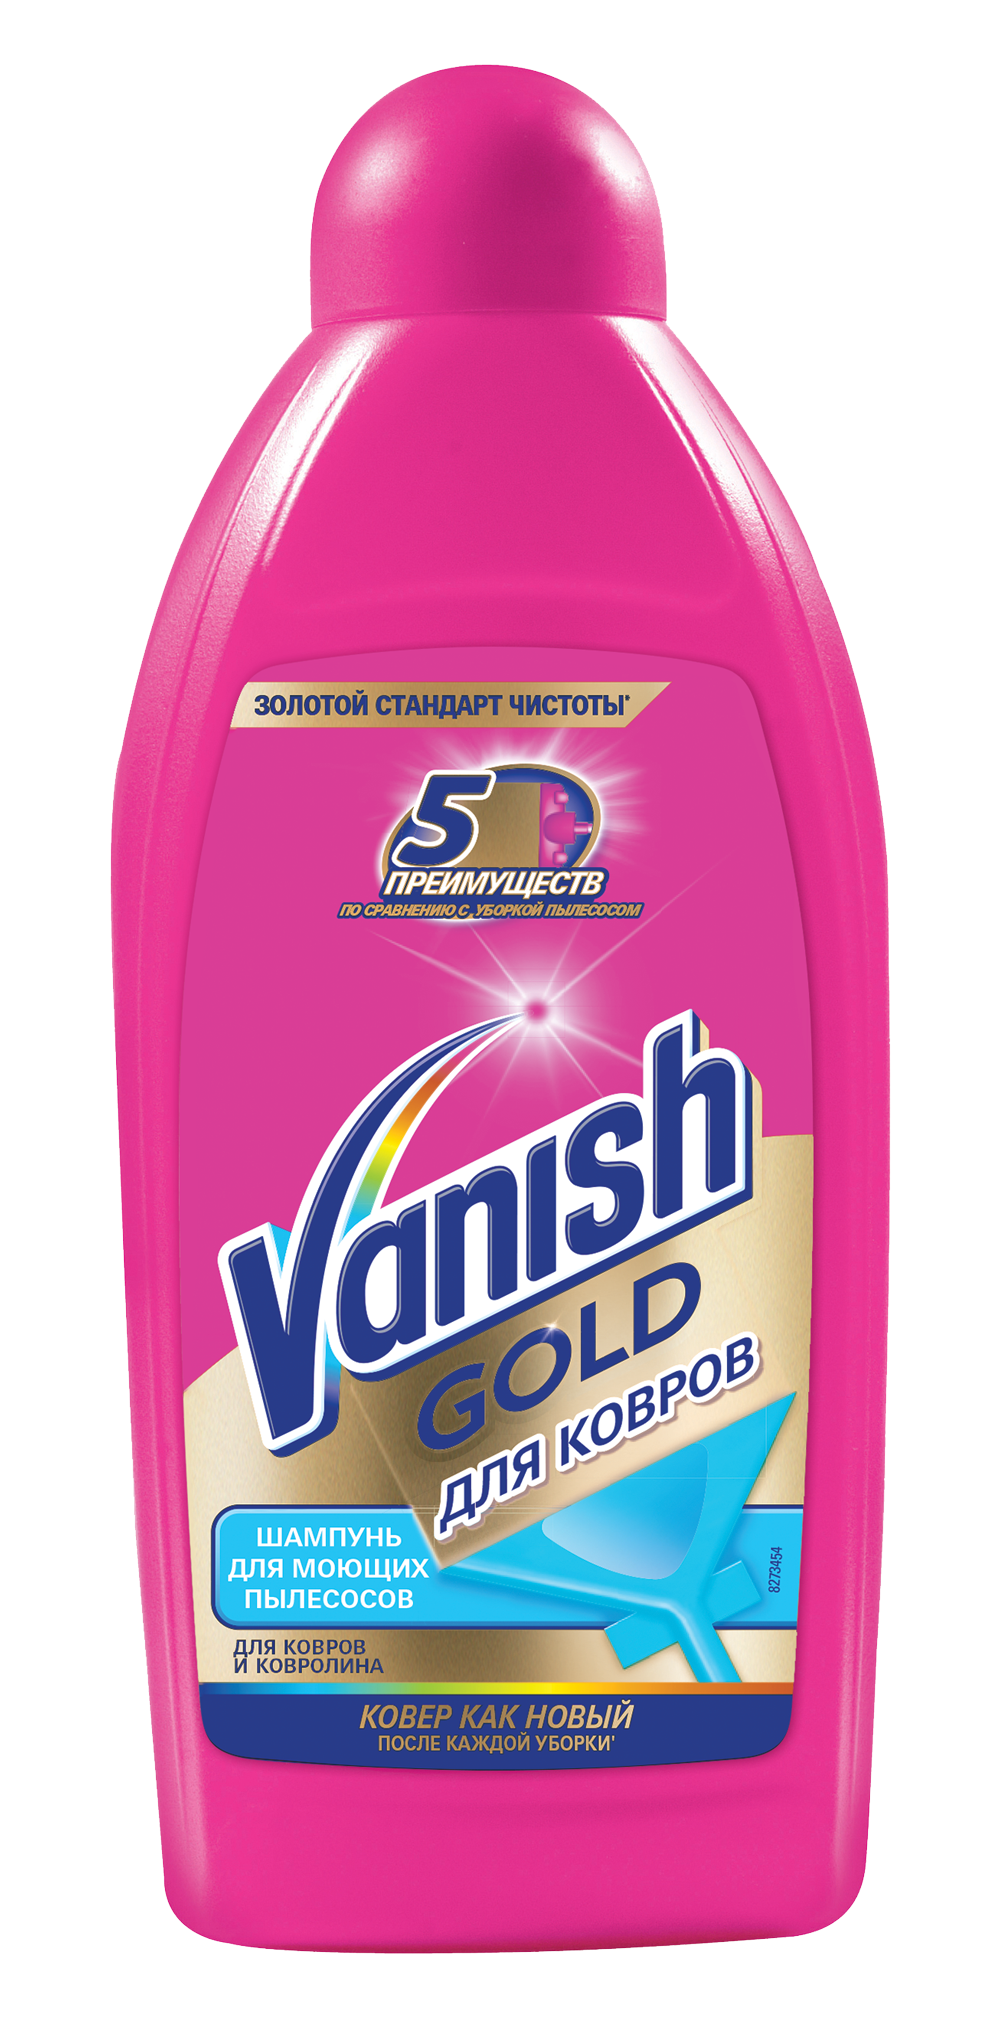 Чистящее средство для ковров Vanish для моющих